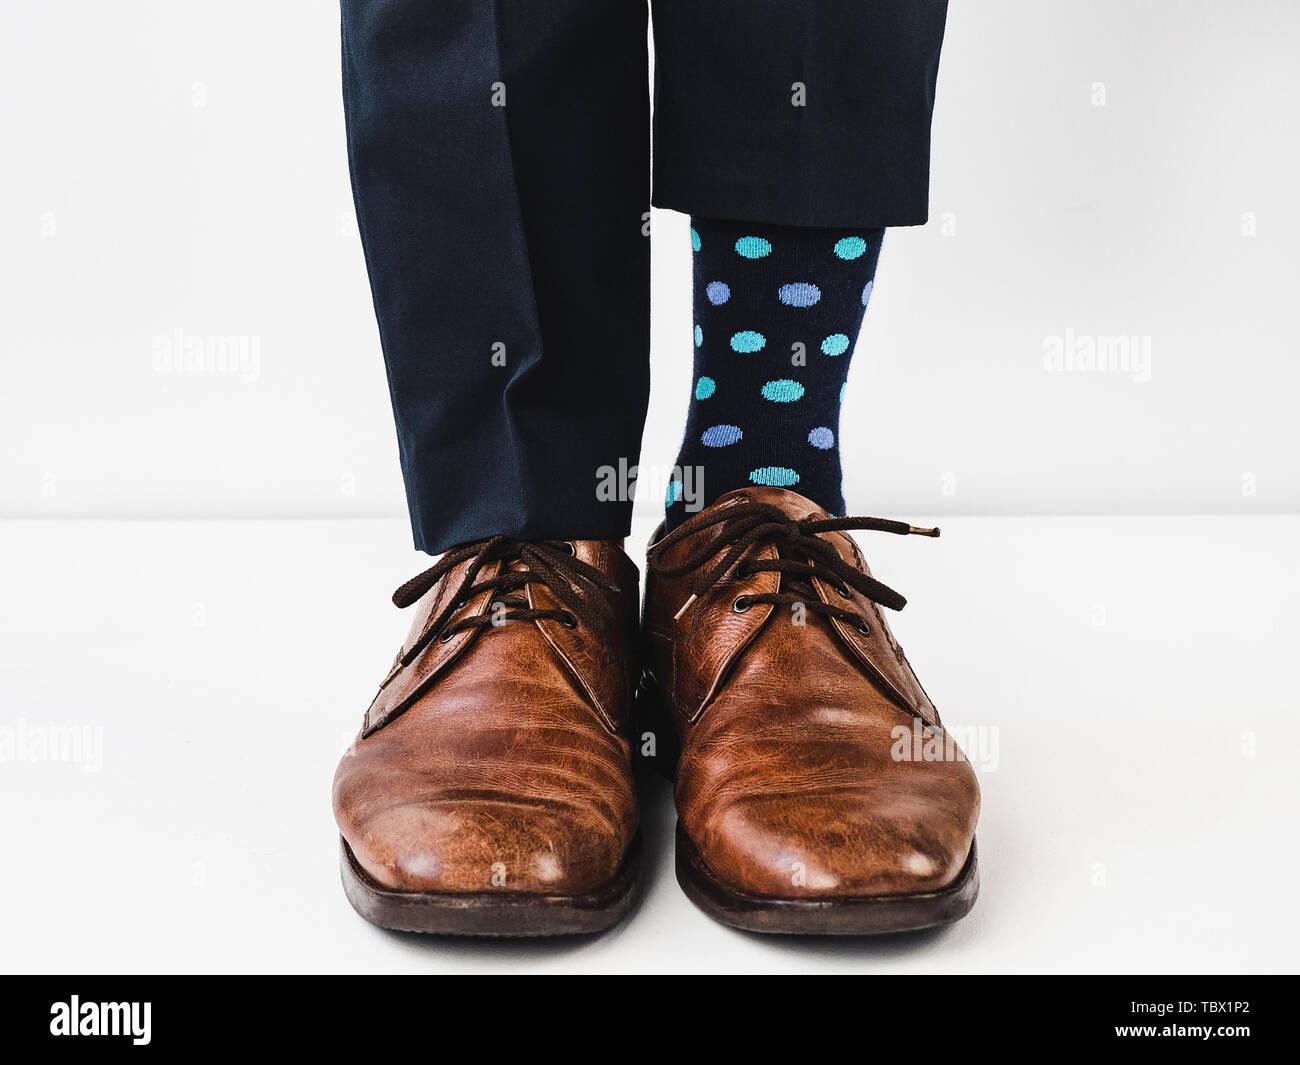 fa242bd3 Gerente de Oficina de pie en elegantes zapatos, pantalones azules y  brillantes, coloridos calcetines sobre un fondo blanco, aislado. Close-up.